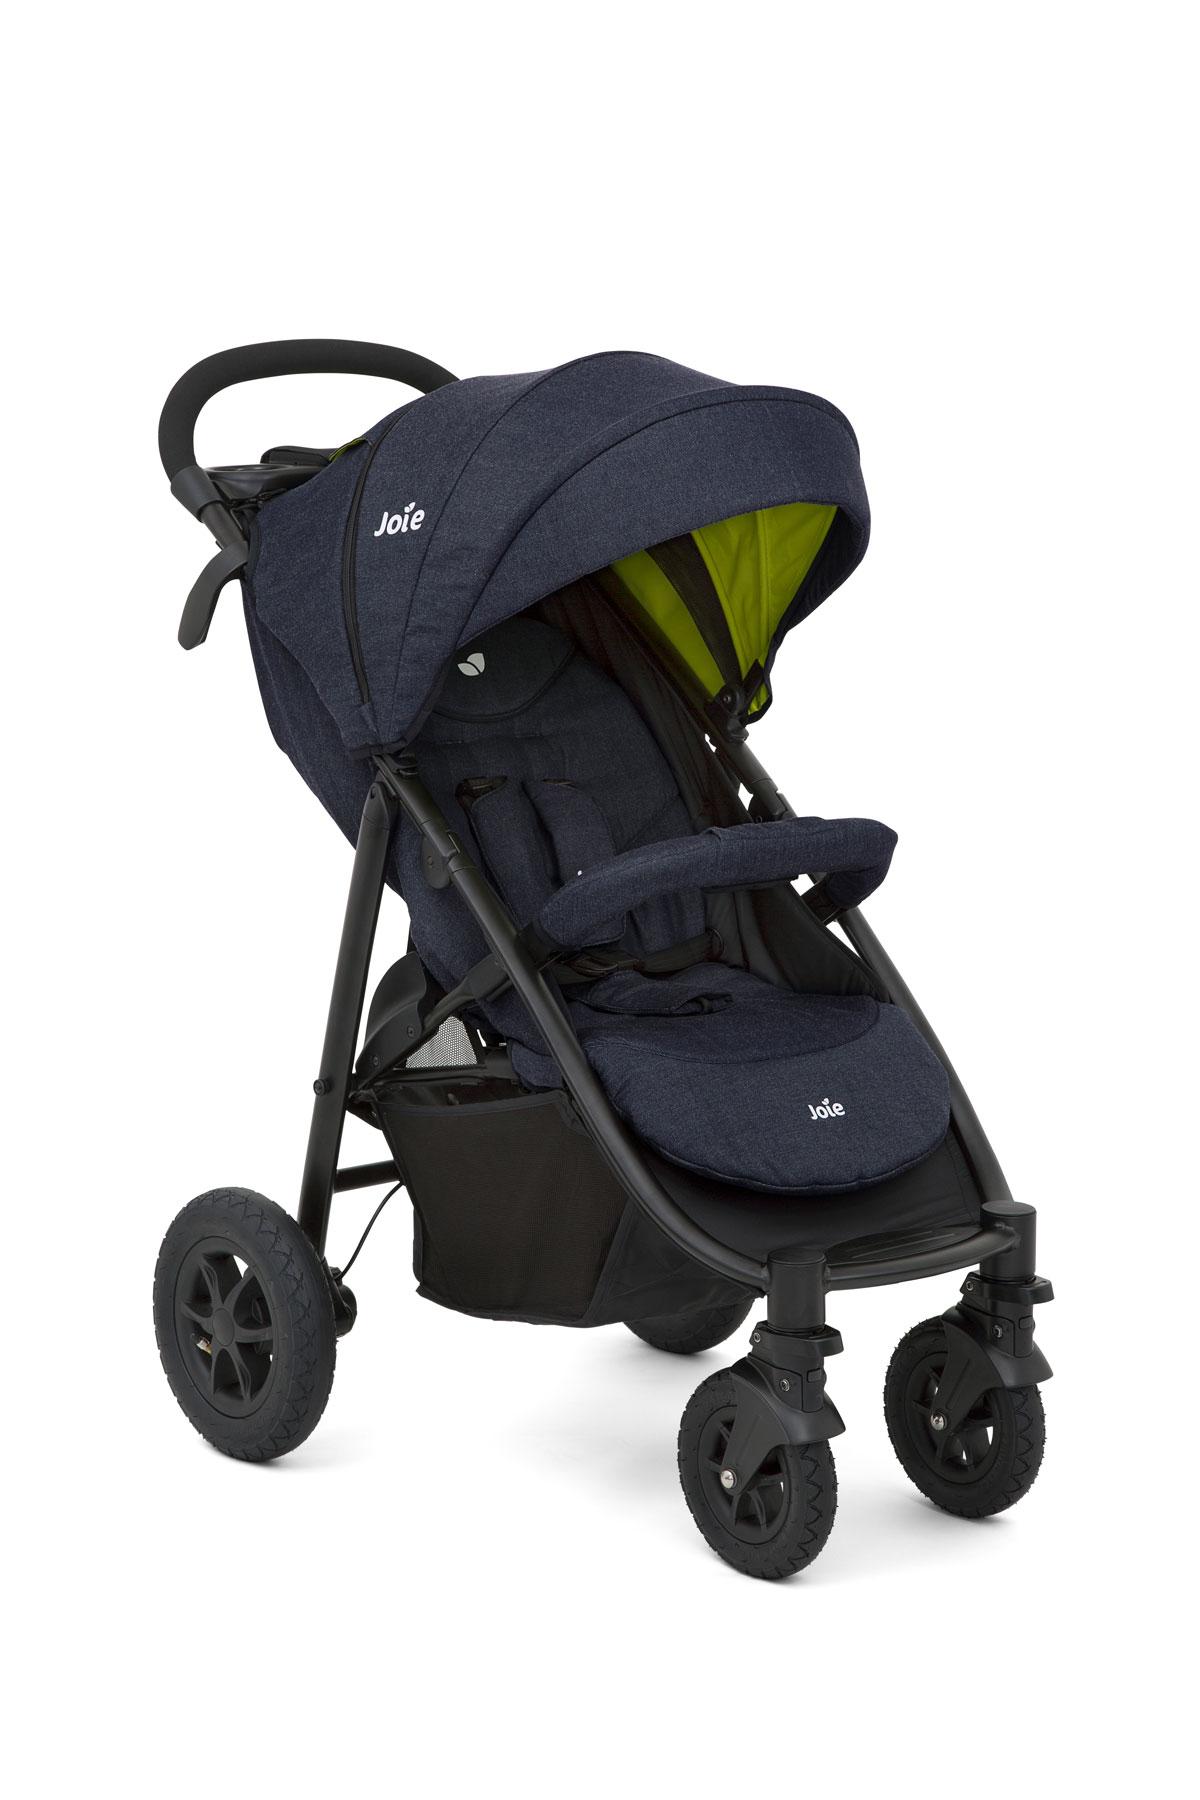 joie sportwagen litetrax 4 air in denim zest bei baby bottosso. Black Bedroom Furniture Sets. Home Design Ideas